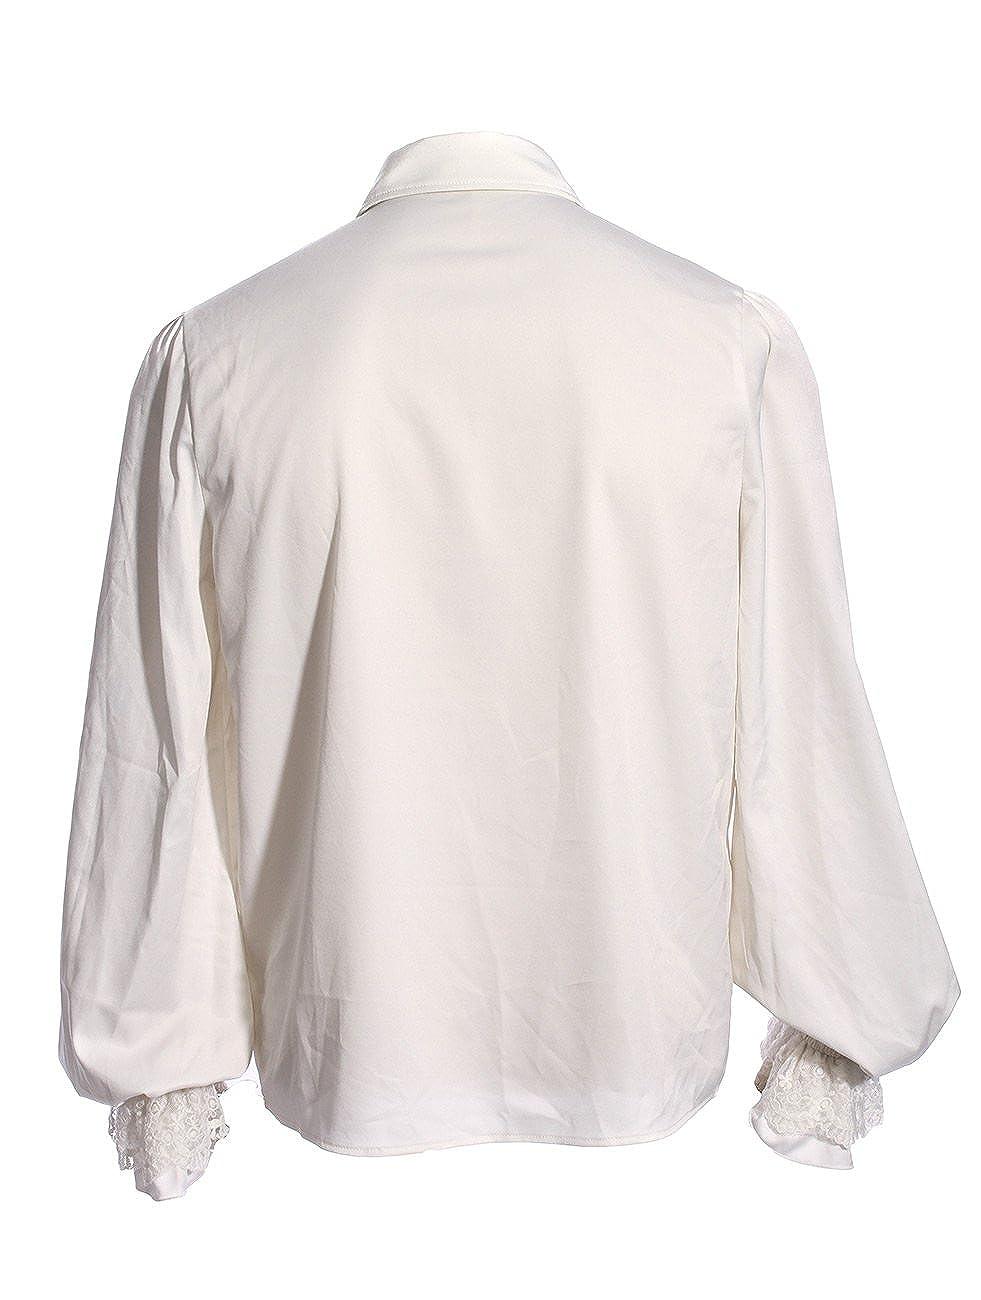 Hearty Blouse Tunique Noire à Motif Orchestra Très Bon état Taille 10 Ans 140 Cm High Quality Vêtements, Accessoires